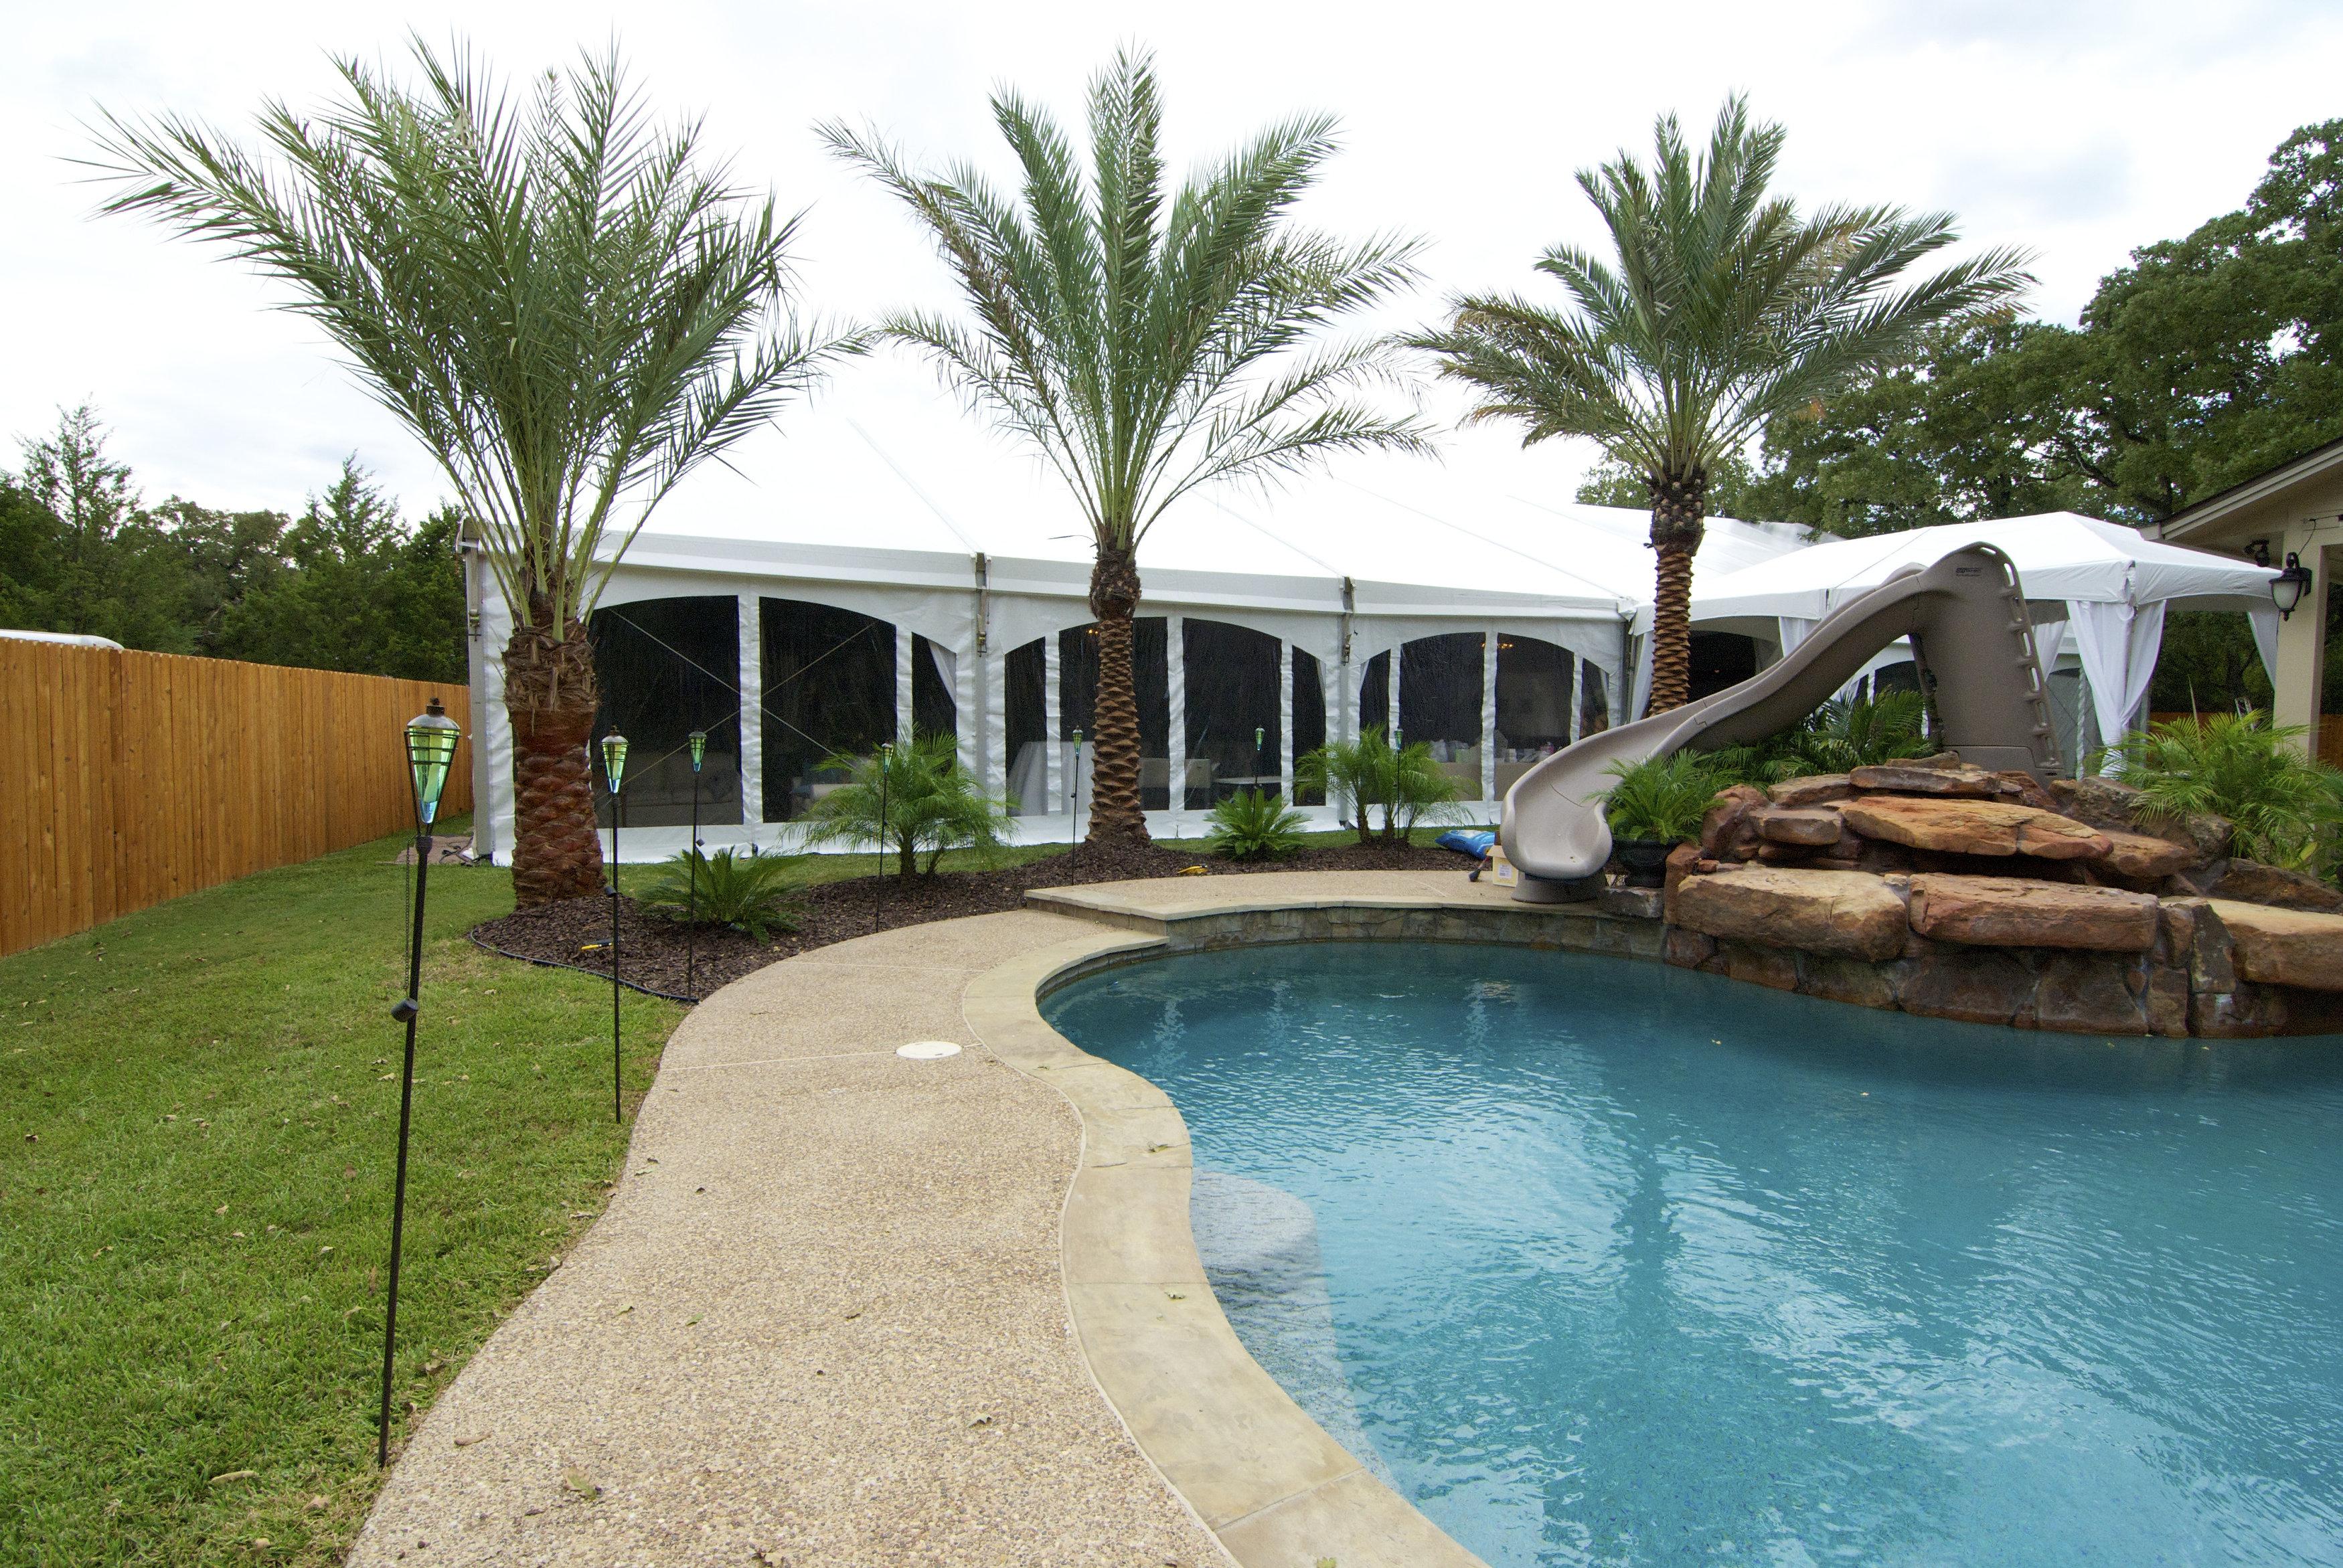 Poolside White Frame Tent Rental